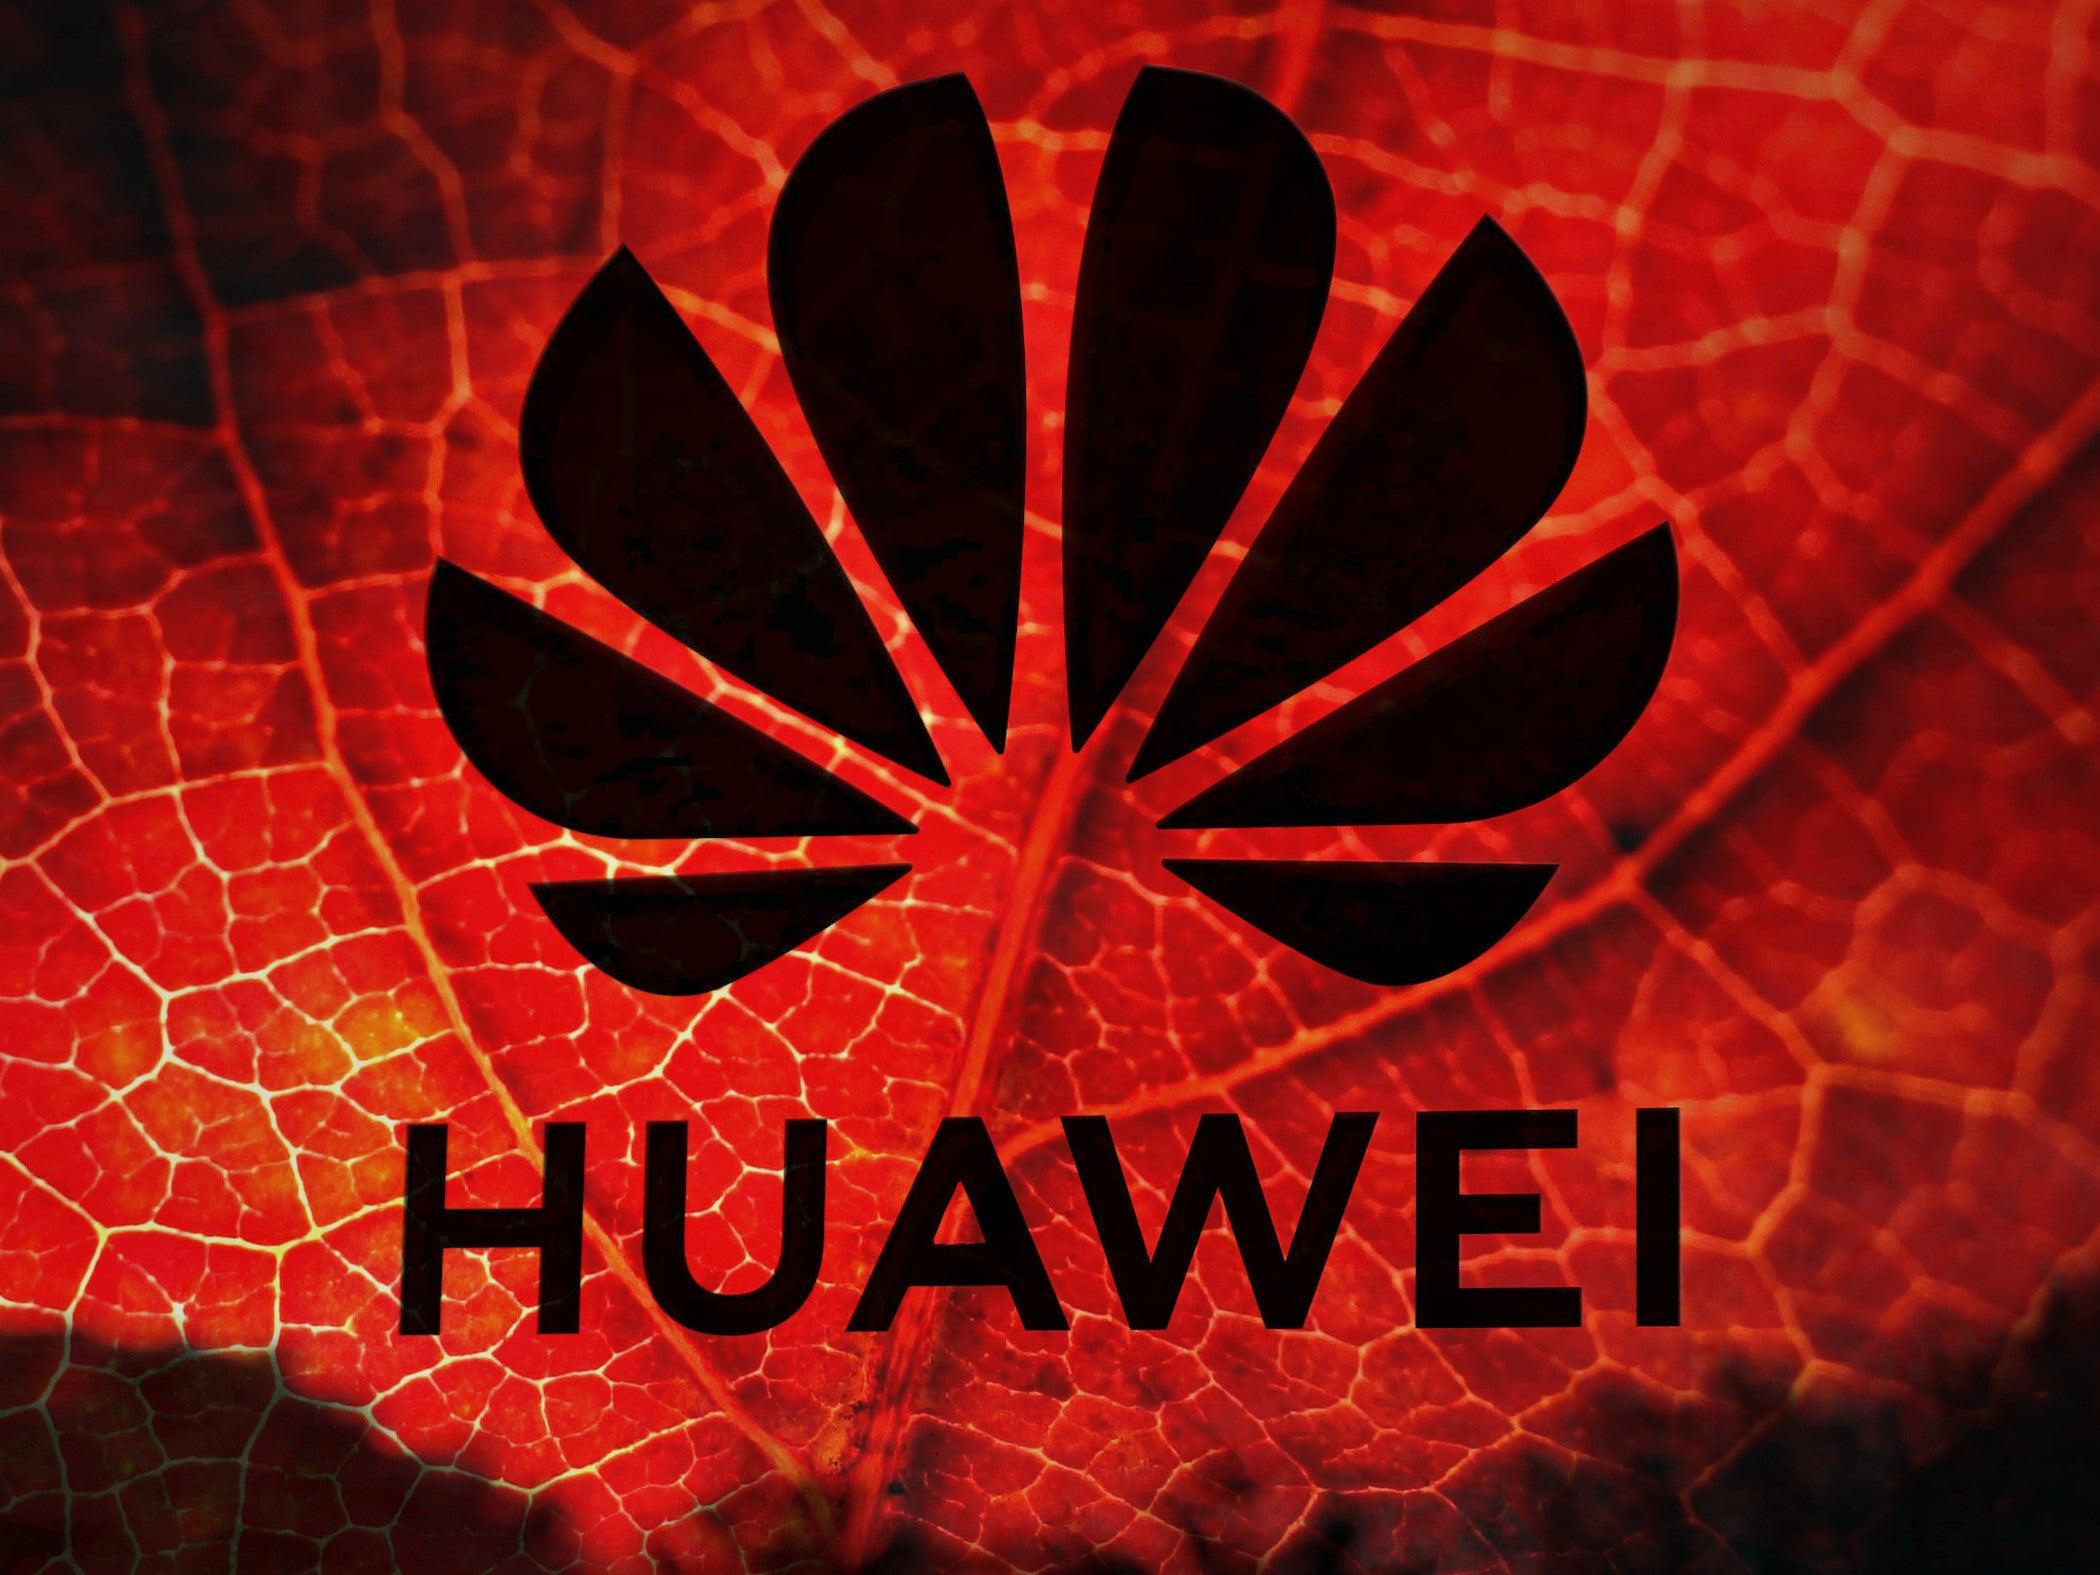 Huawei-Chef spricht Klartext: Diese Aussage trifft alle Nutzer bis ins Mark - inside digital